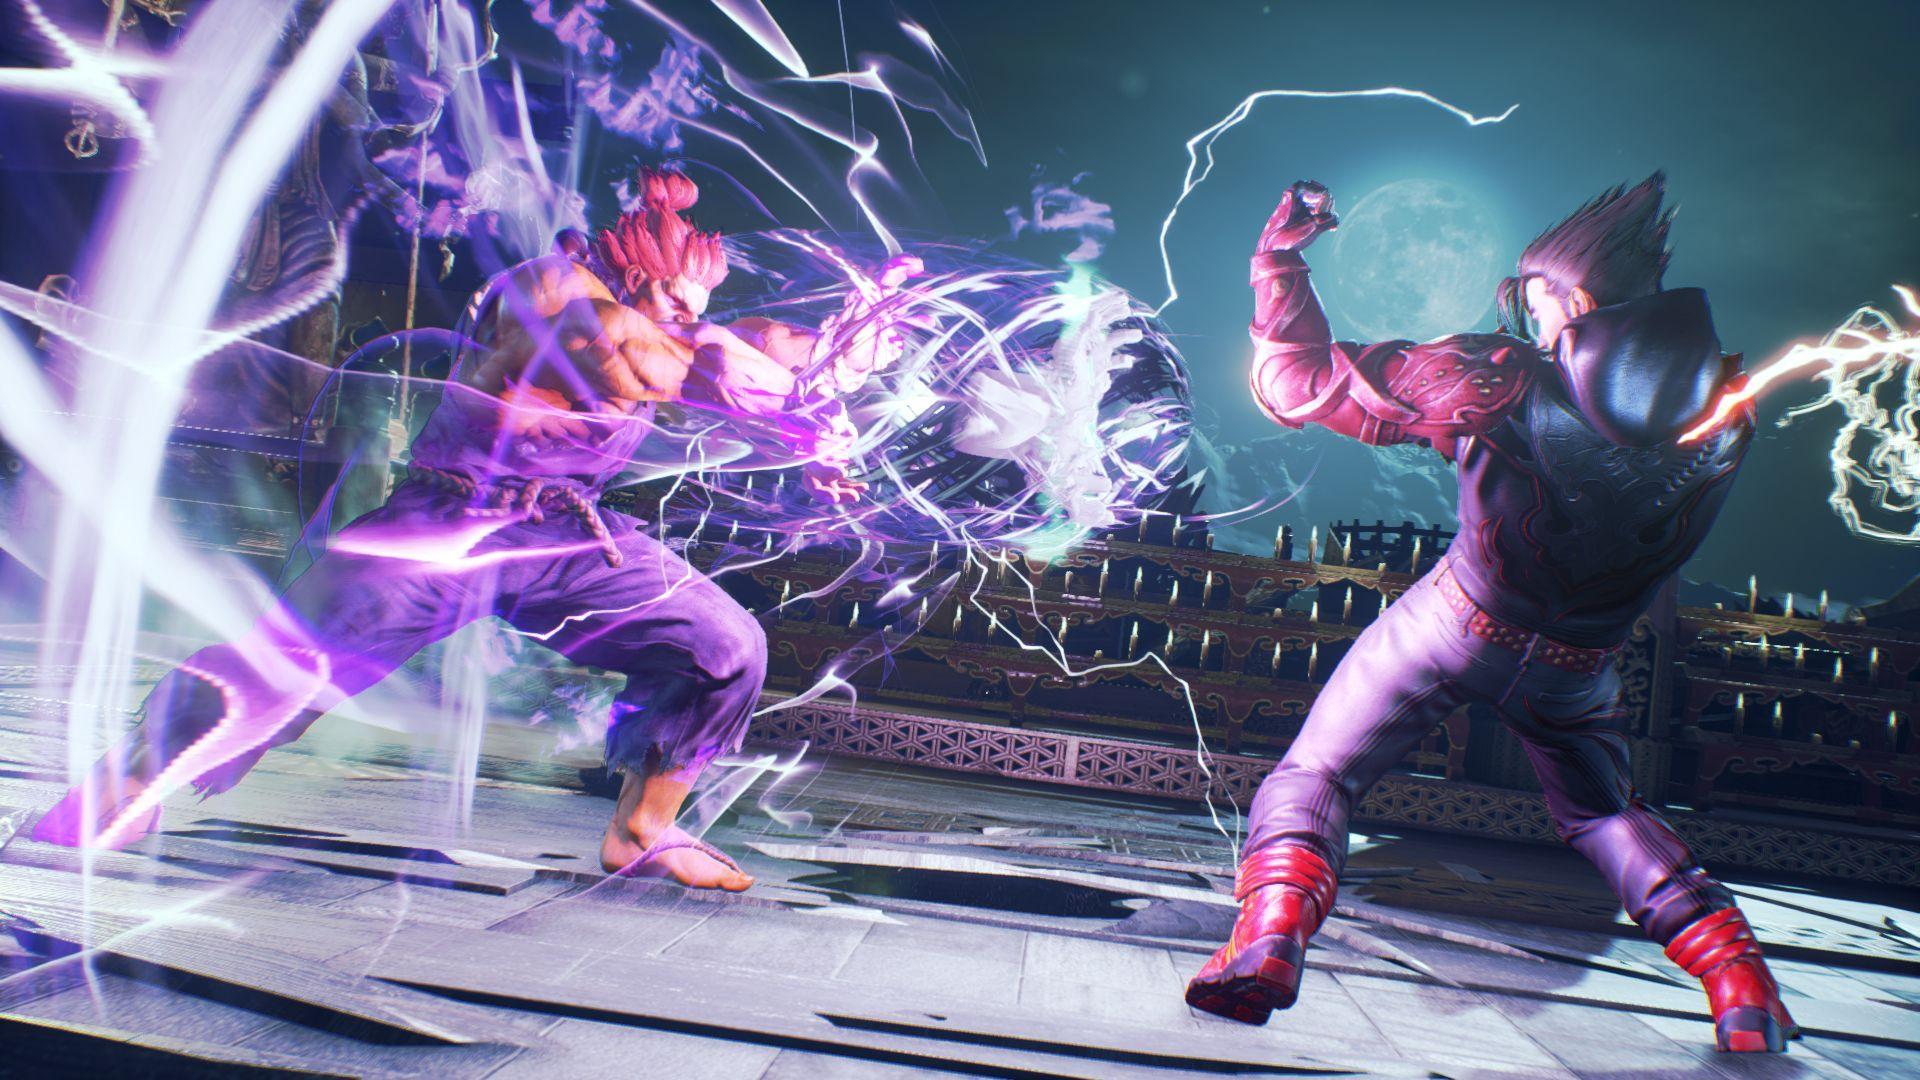 Tekken 7 Deluxe Edition (PC) - 8